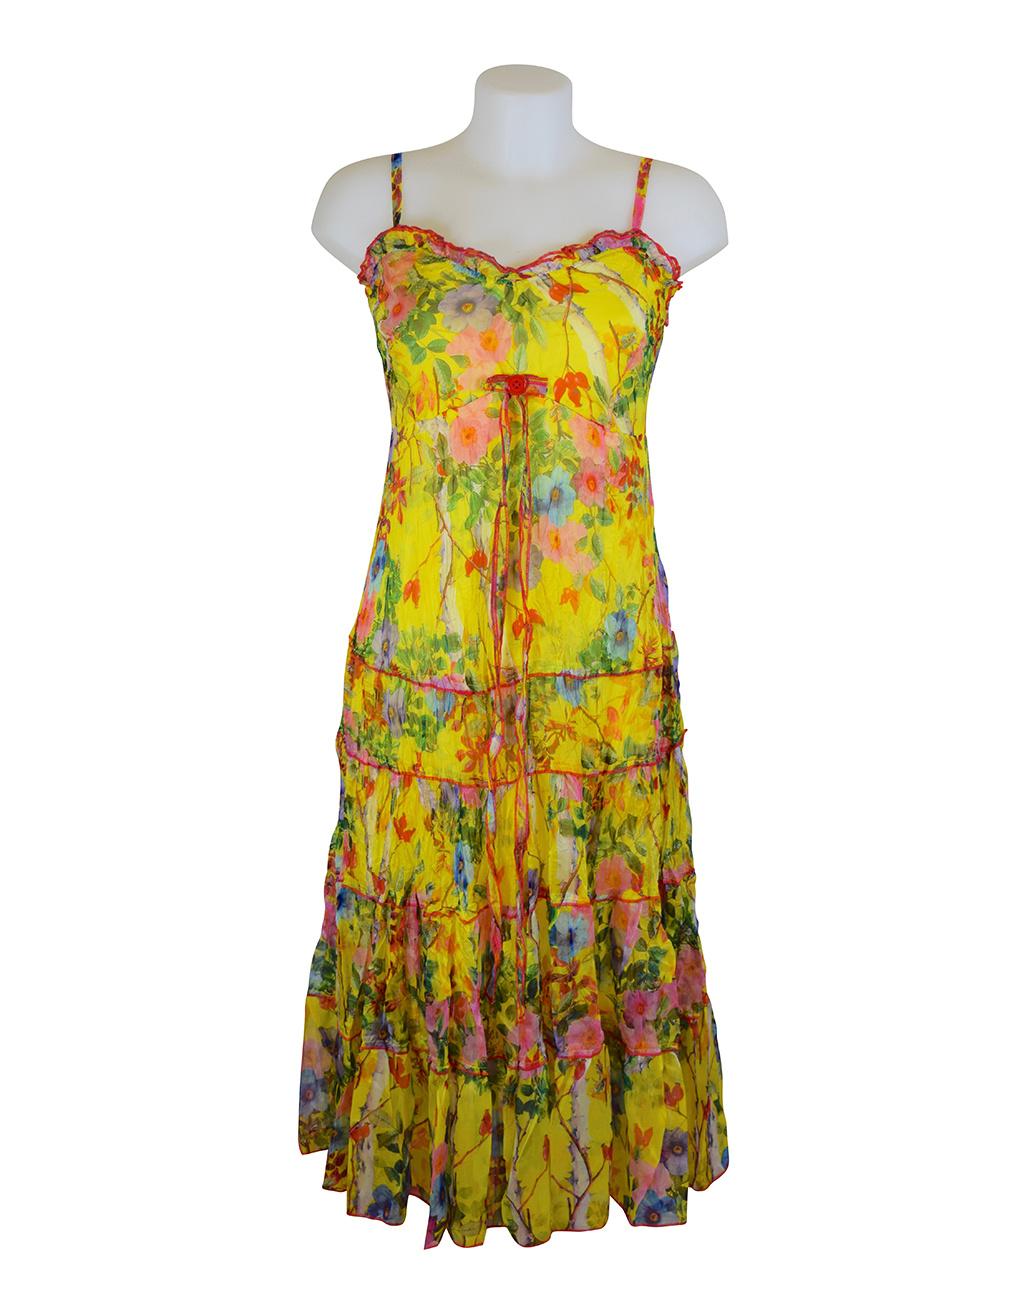 Sensations Pour Elle Yellow Floral Maxi Dress One Size